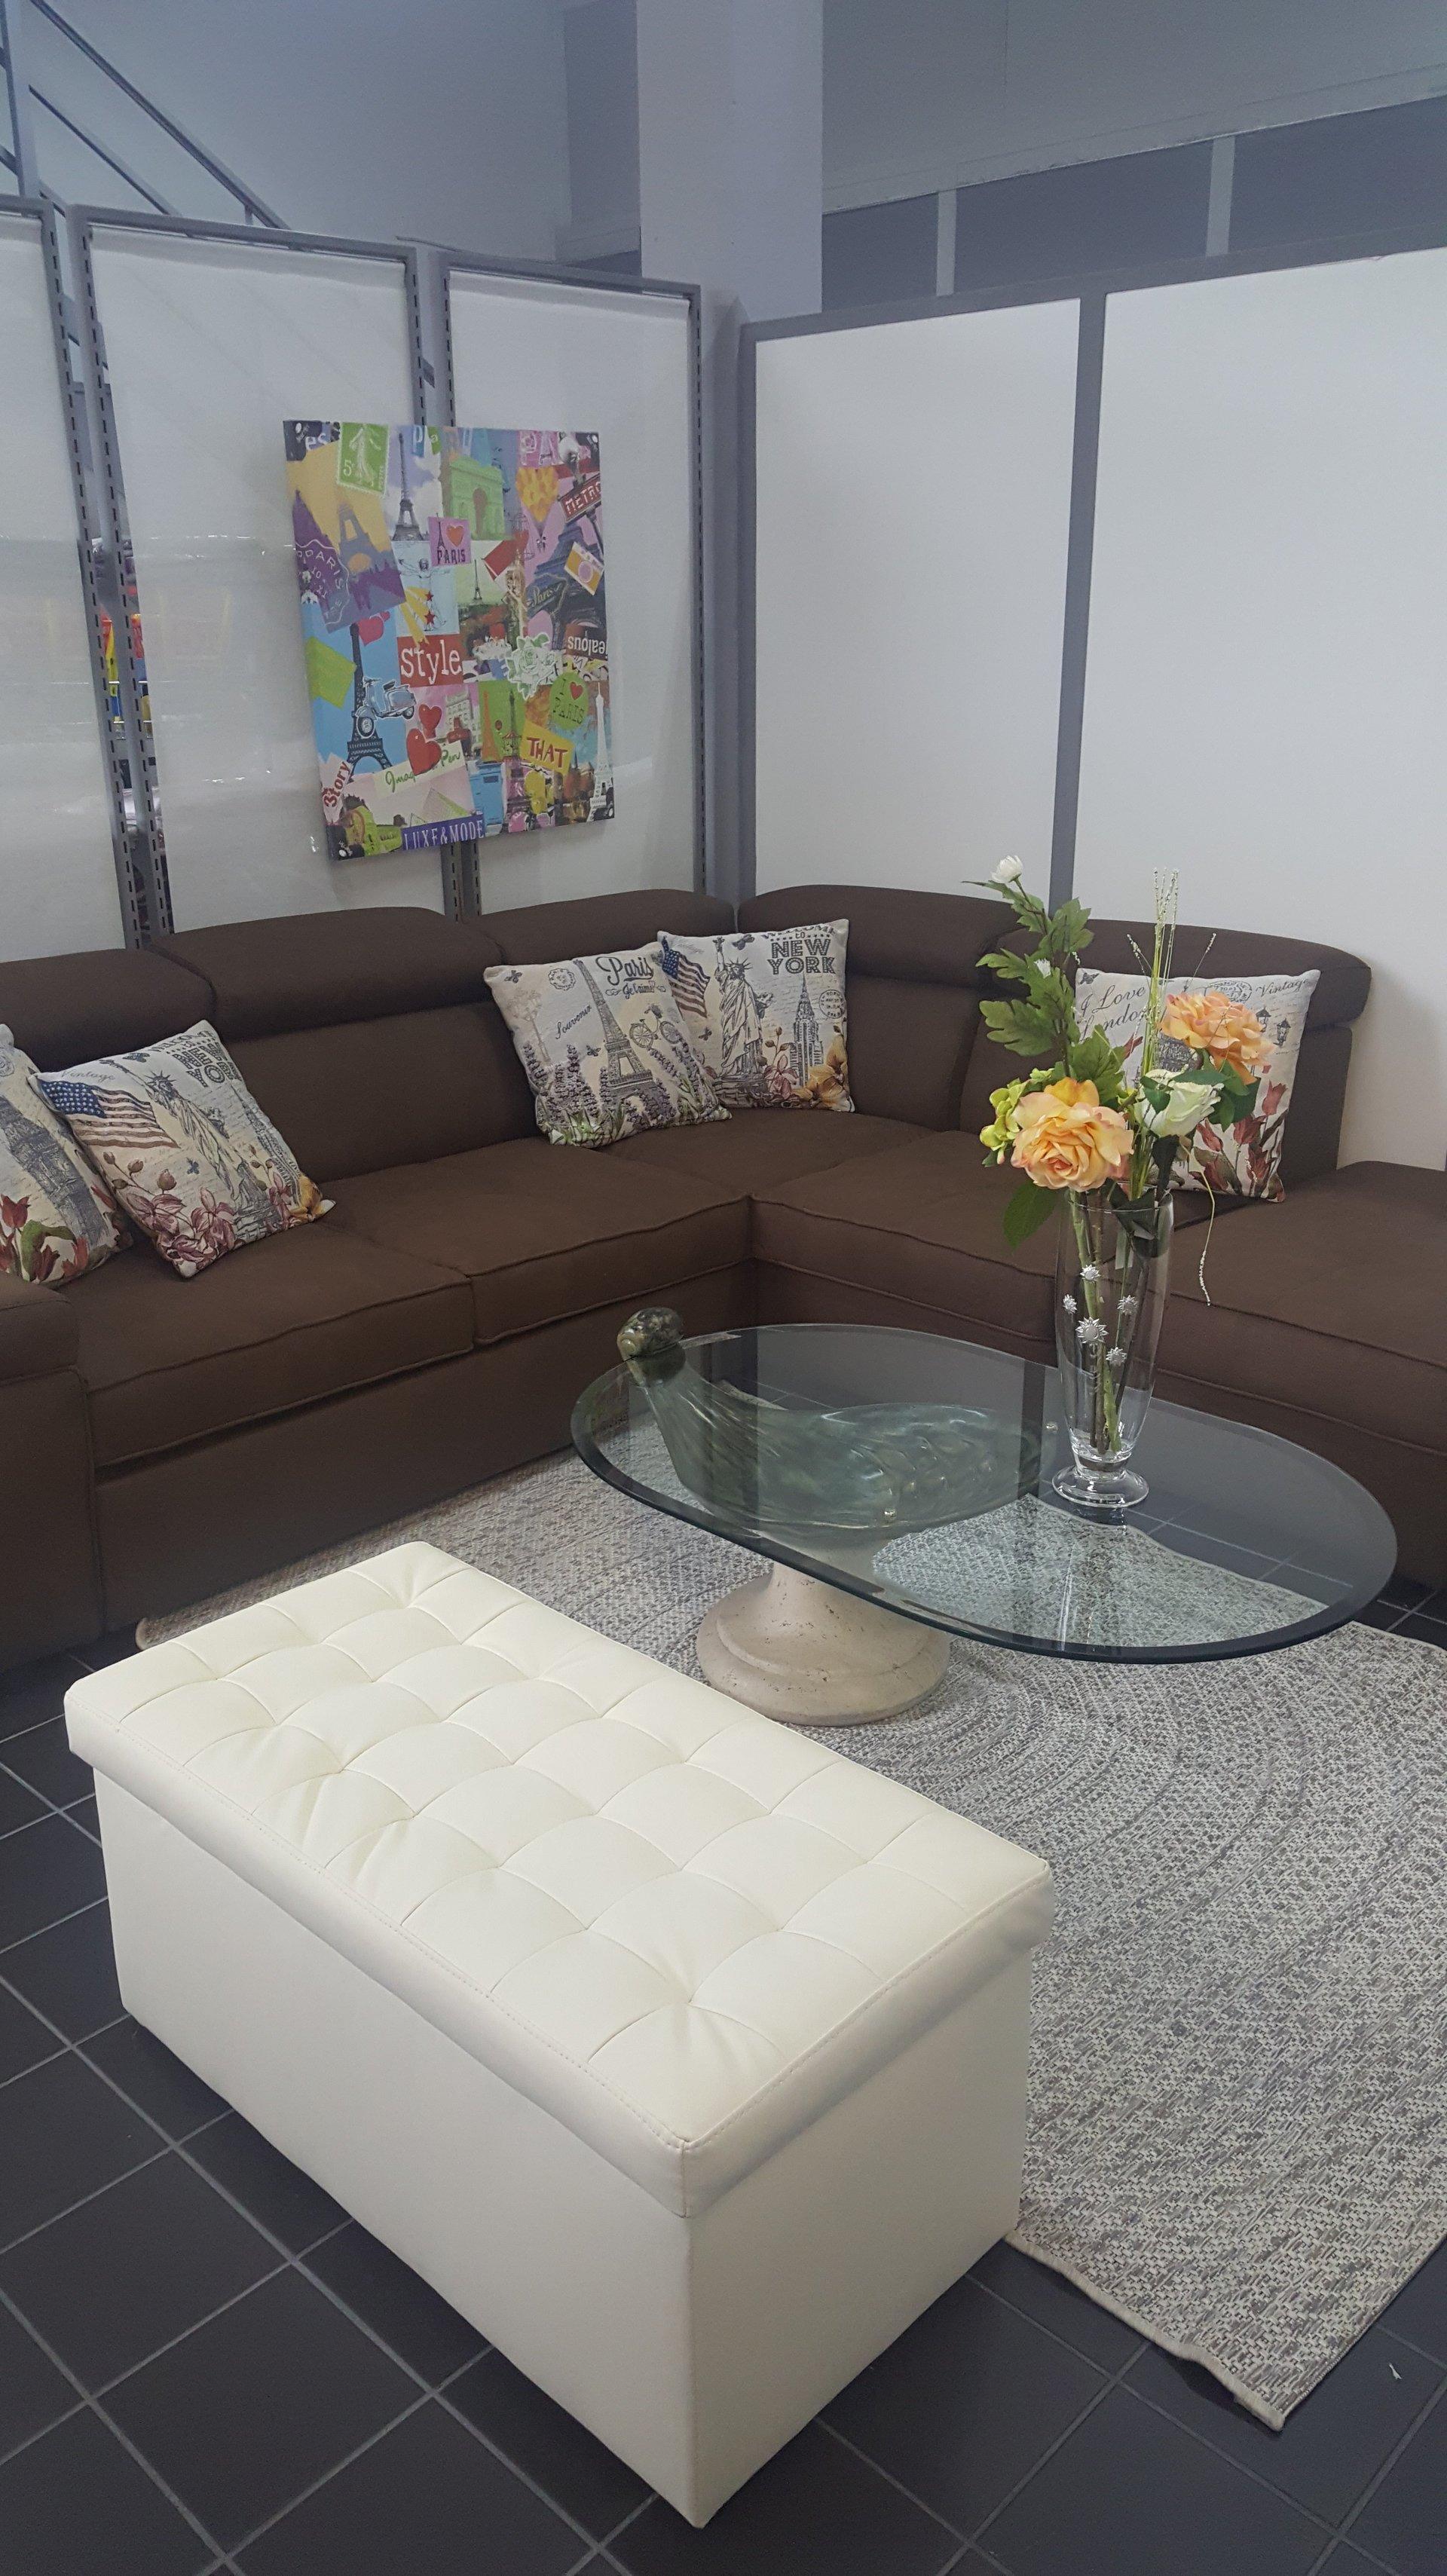 divano marroncino con tavolo di vetro